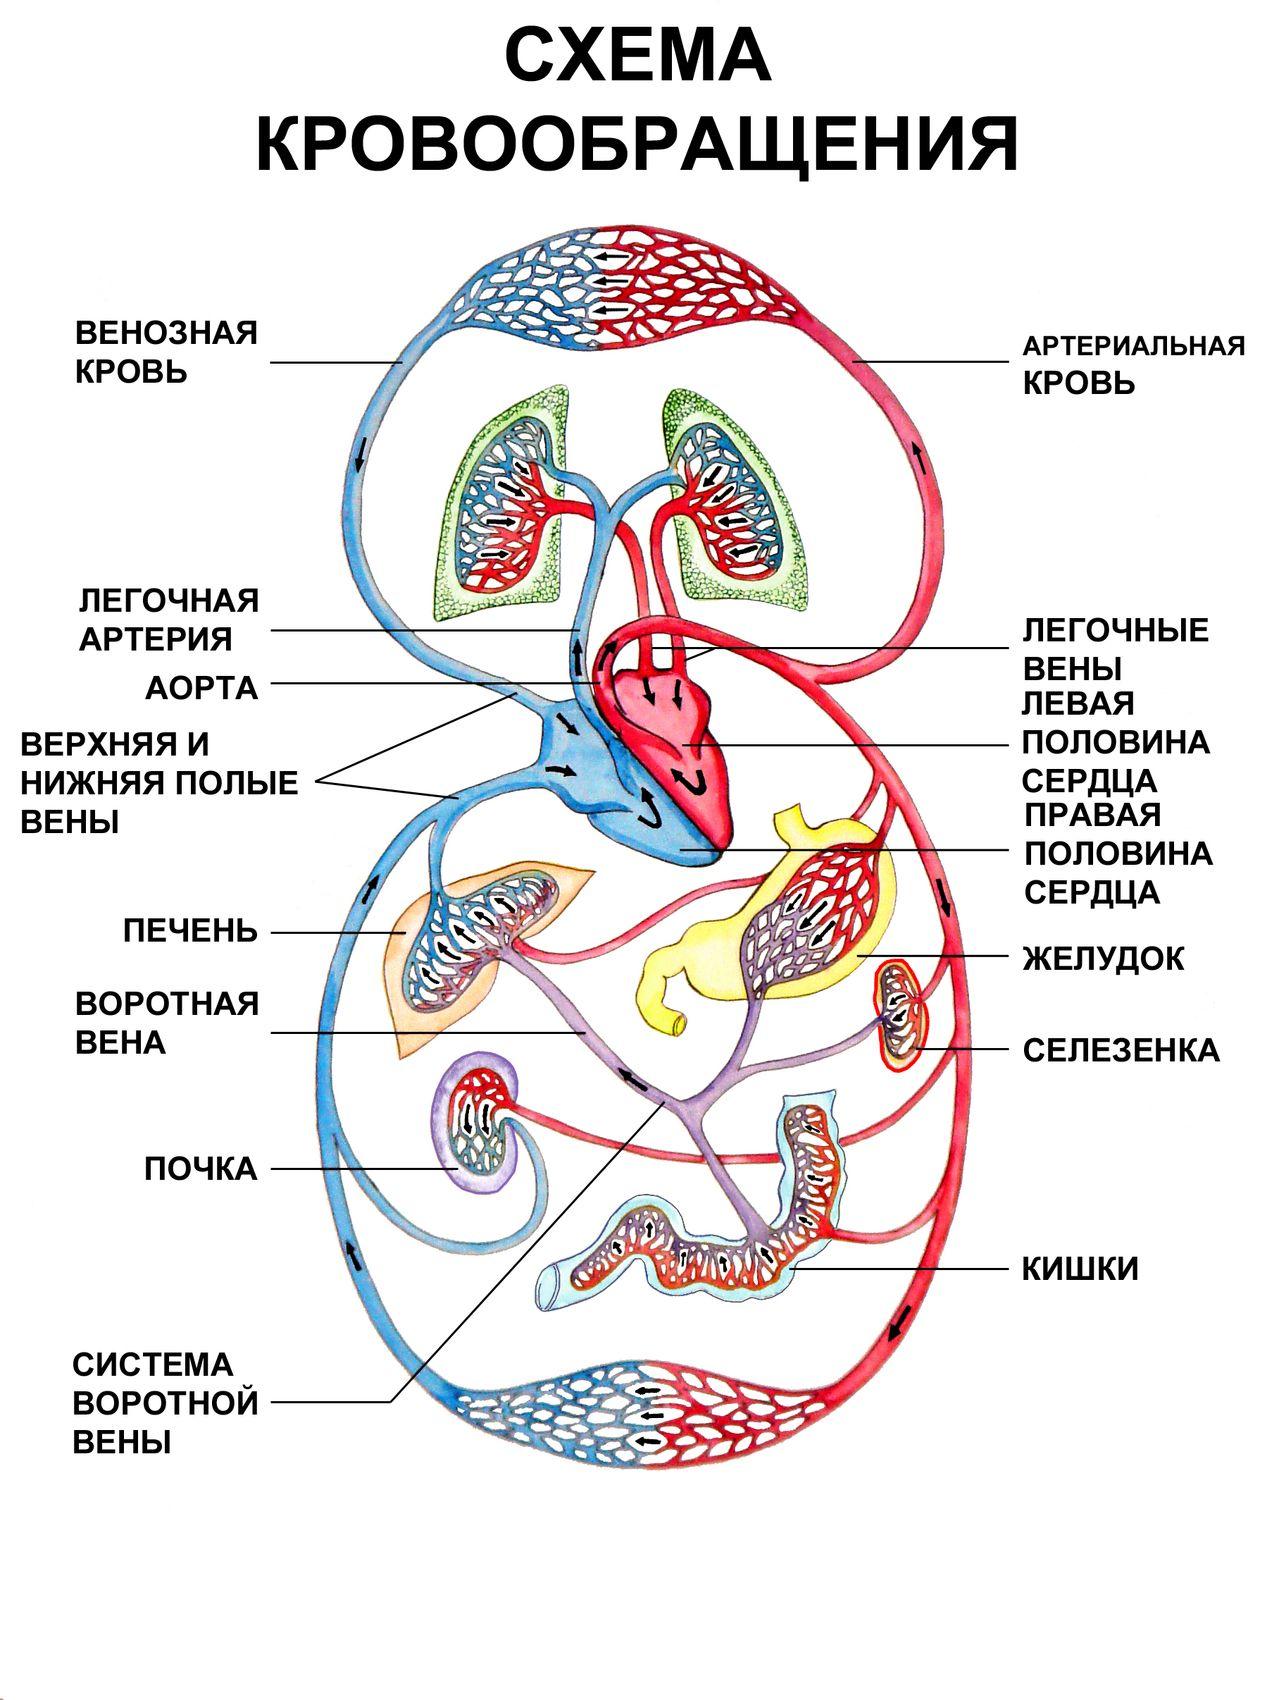 Применение методики акупунктуры активирует кровоснабжение организма